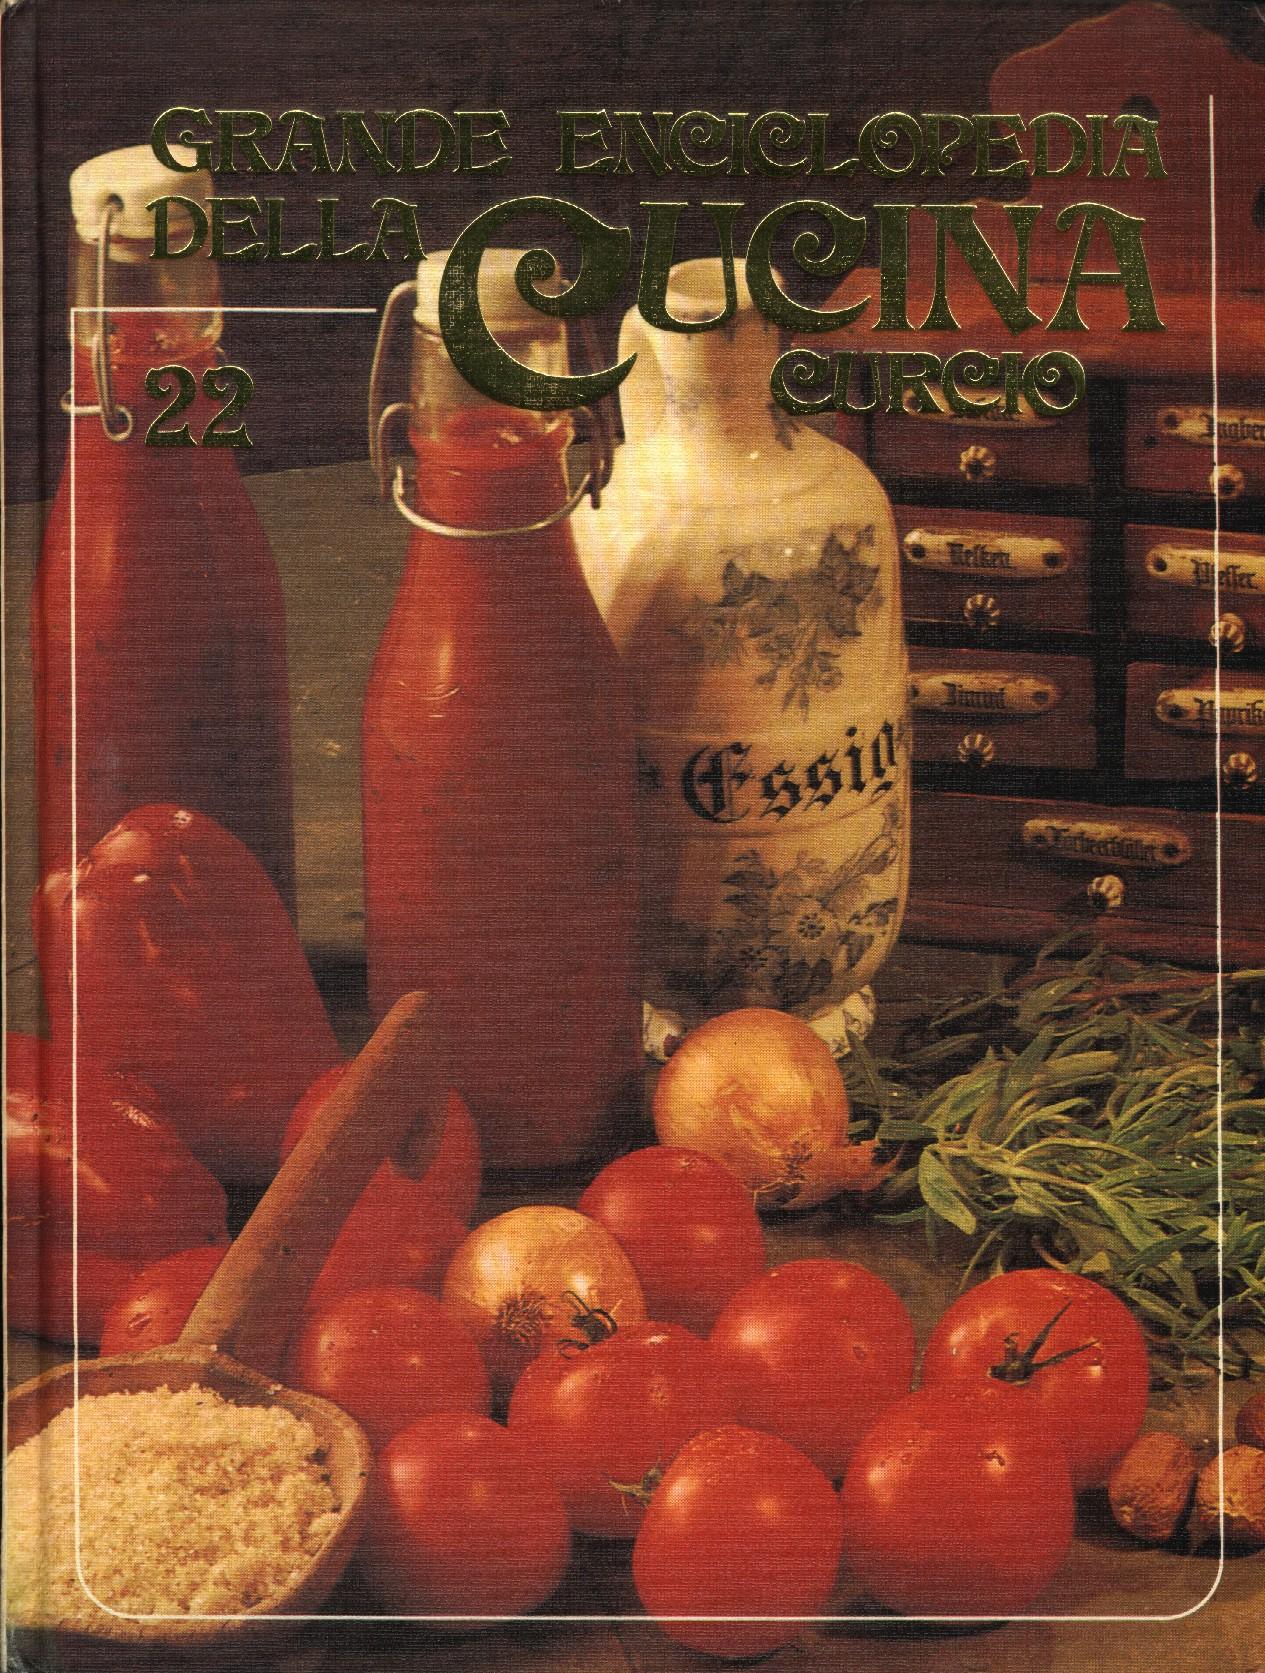 Grande Enciclopedia della Cucina Vol. 22 (tac-tor)